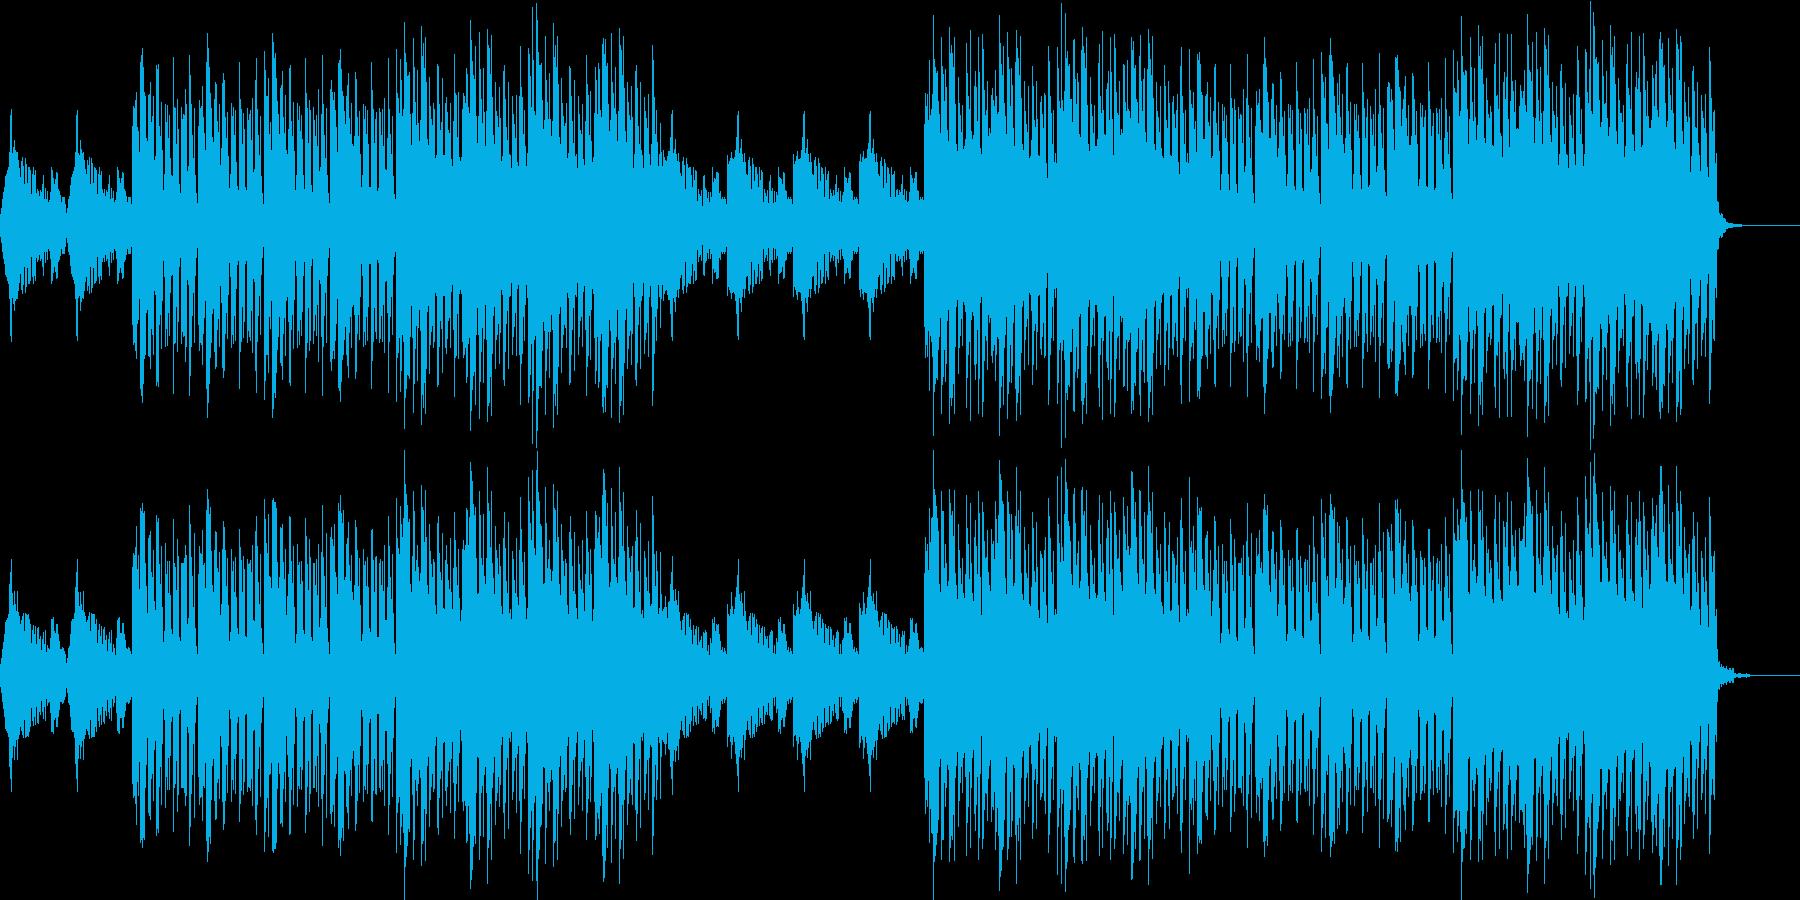 おしゃれ・エスニック・EDM・透明感の再生済みの波形